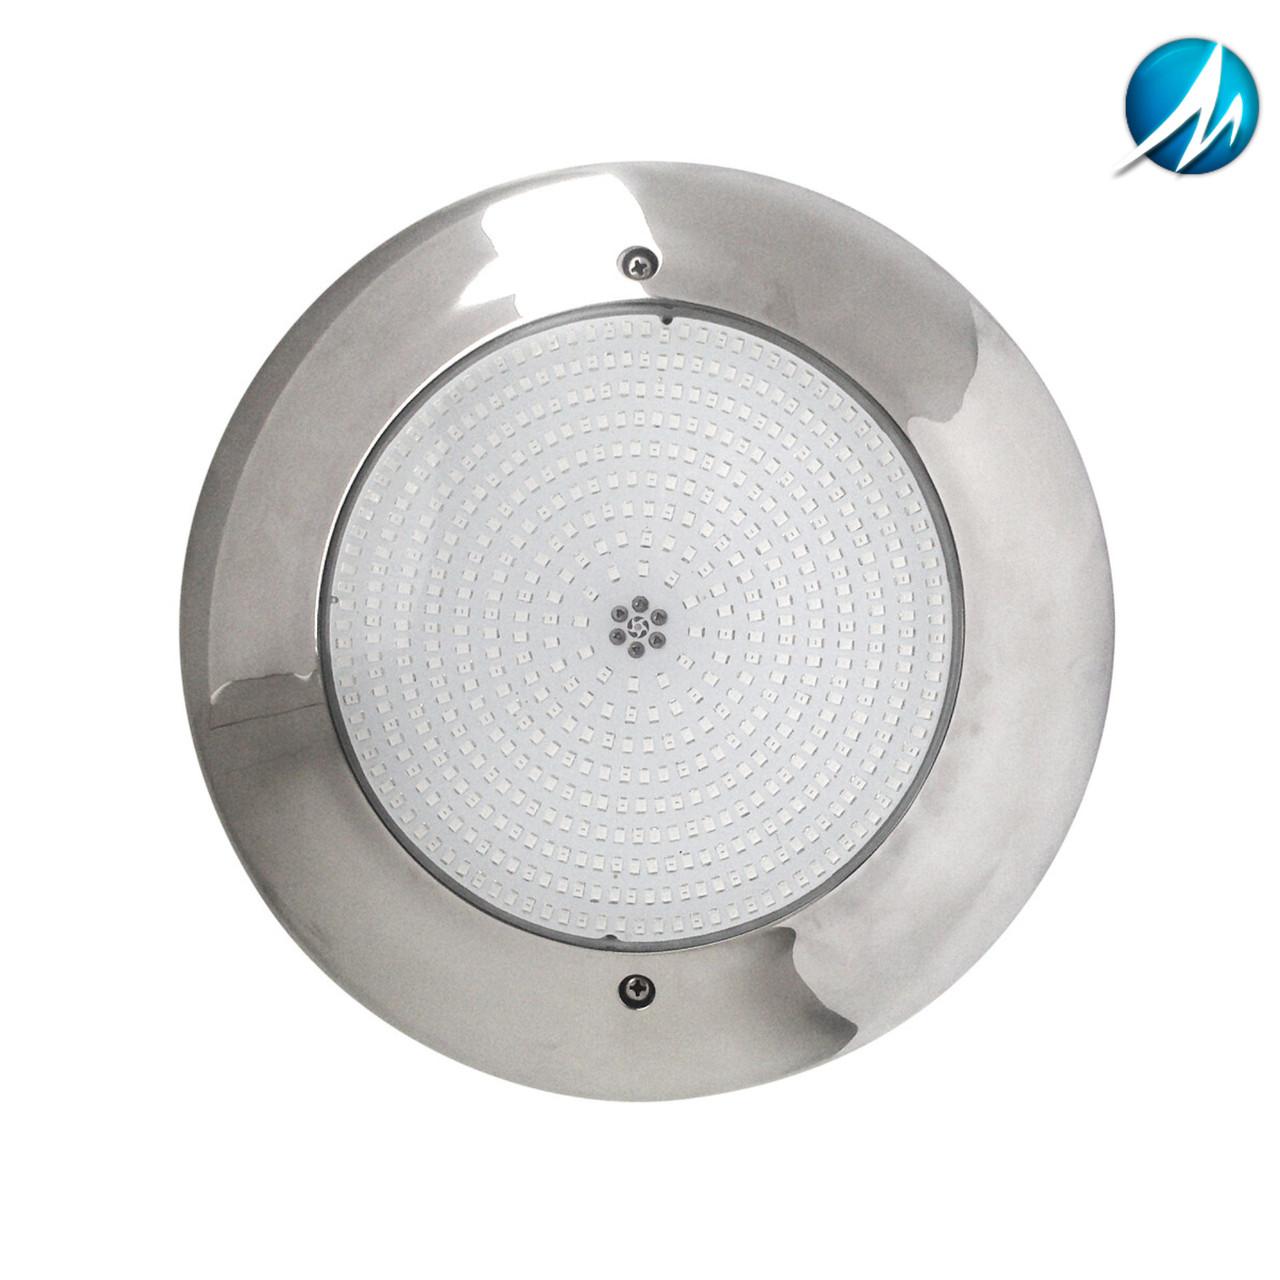 Прожектор светодиодный Aquaviva HT201S 546LED (33 Вт) White стальной